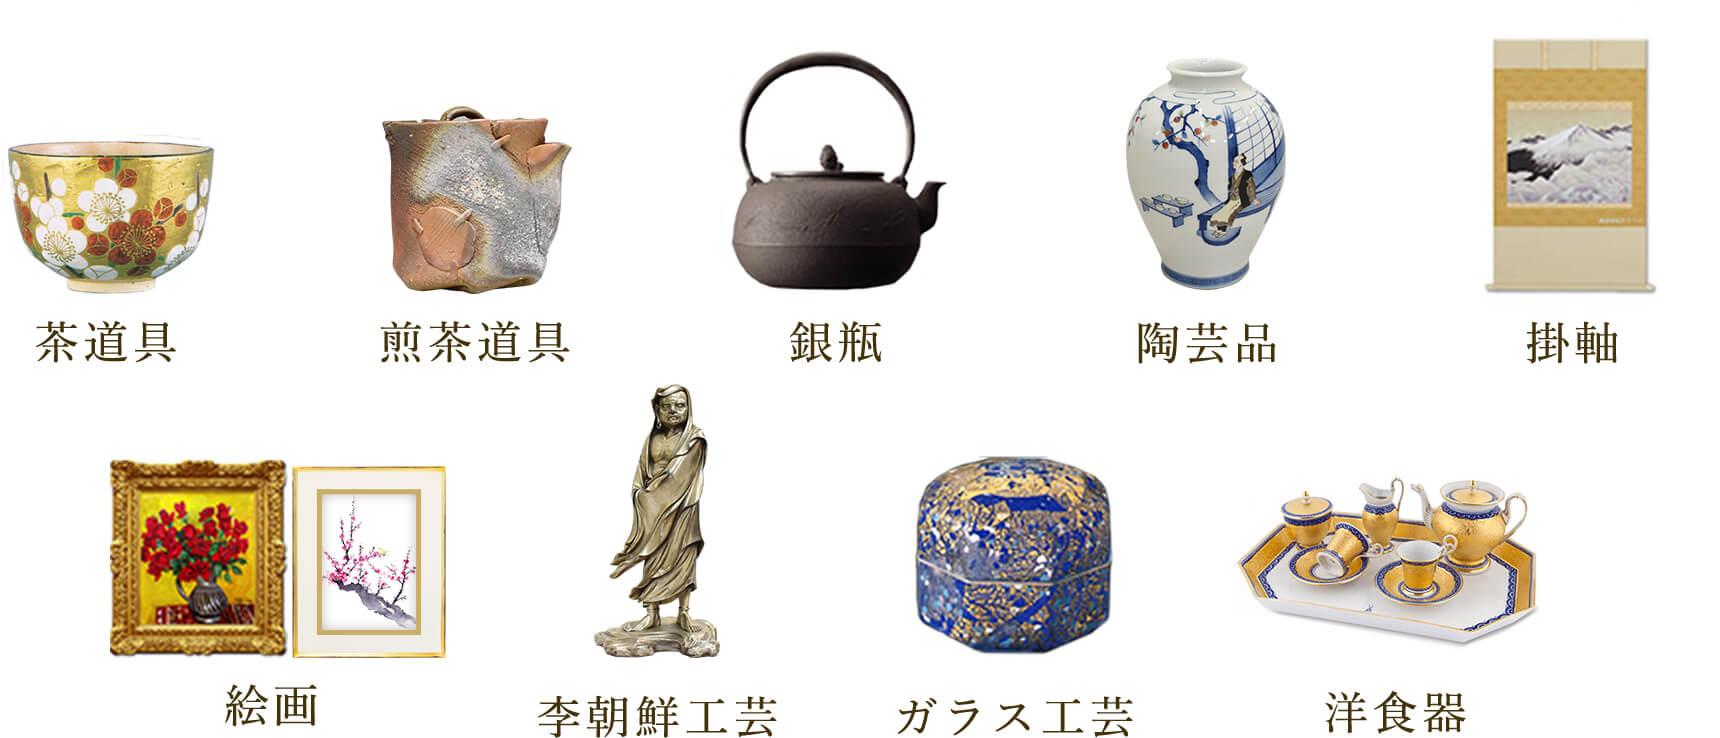 茶道具、煎茶道具、銀瓶、陶芸品、掛軸、絵画、李朝鮮工芸、ガラス工芸、洋食器